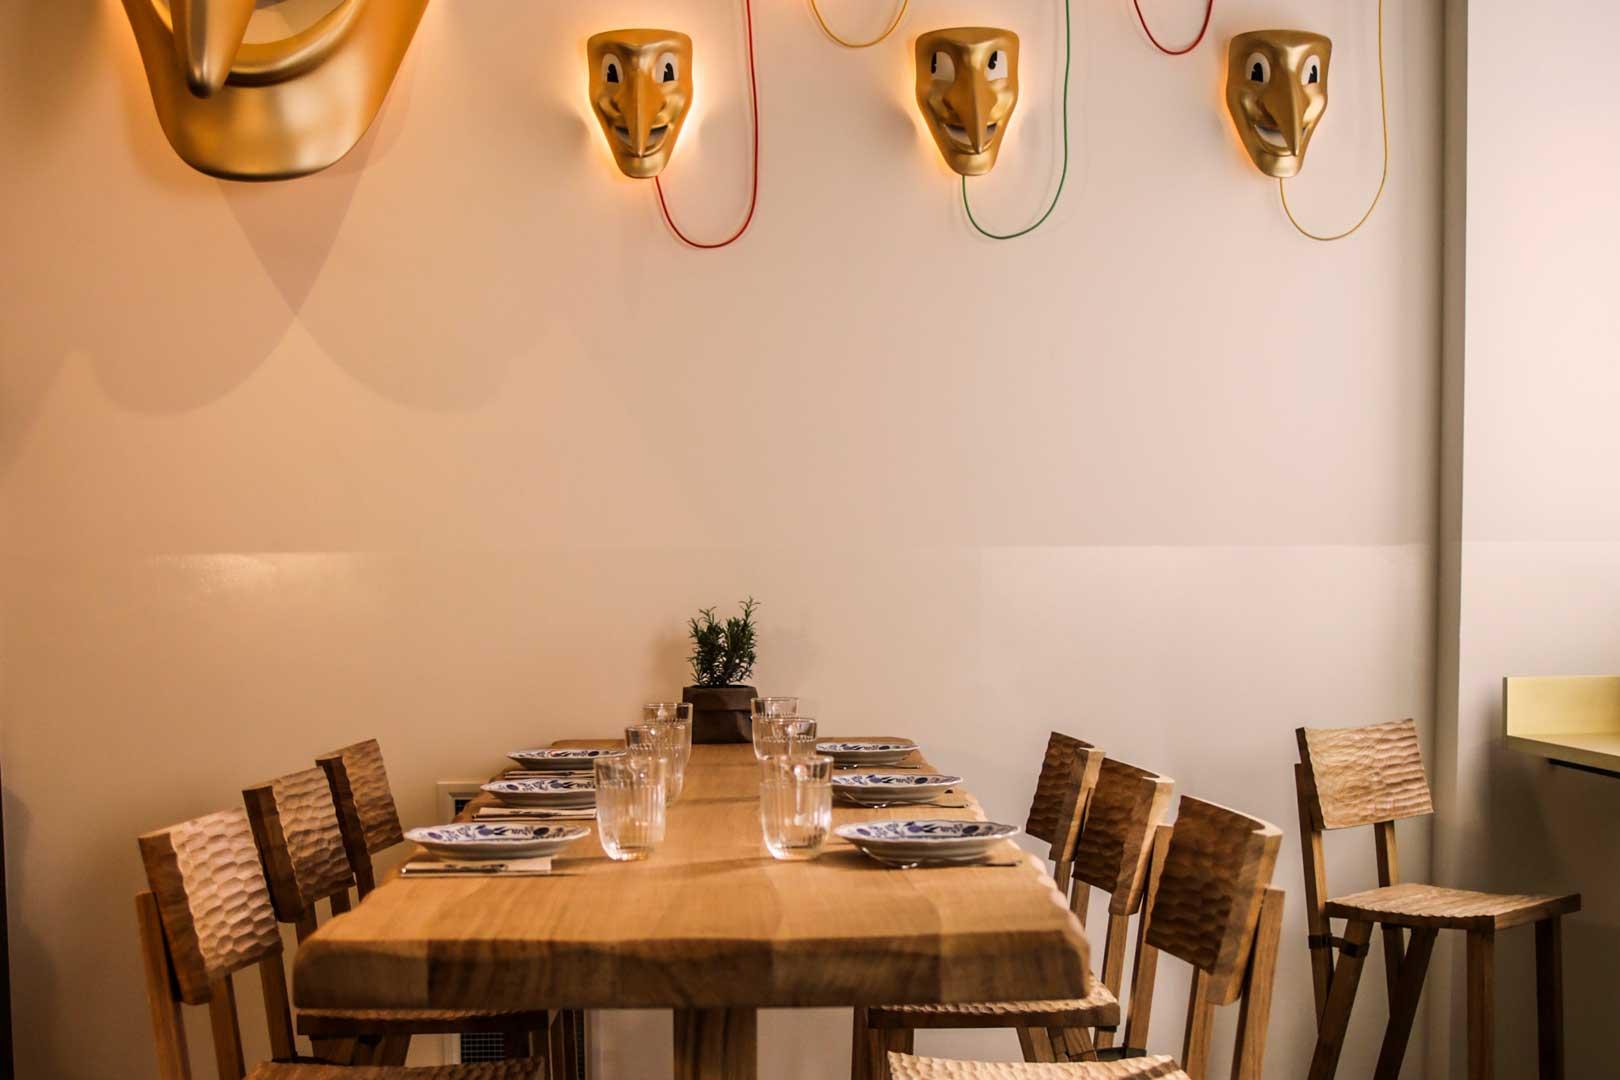 10 ristoranti da provare a Milano questa primavera-estate